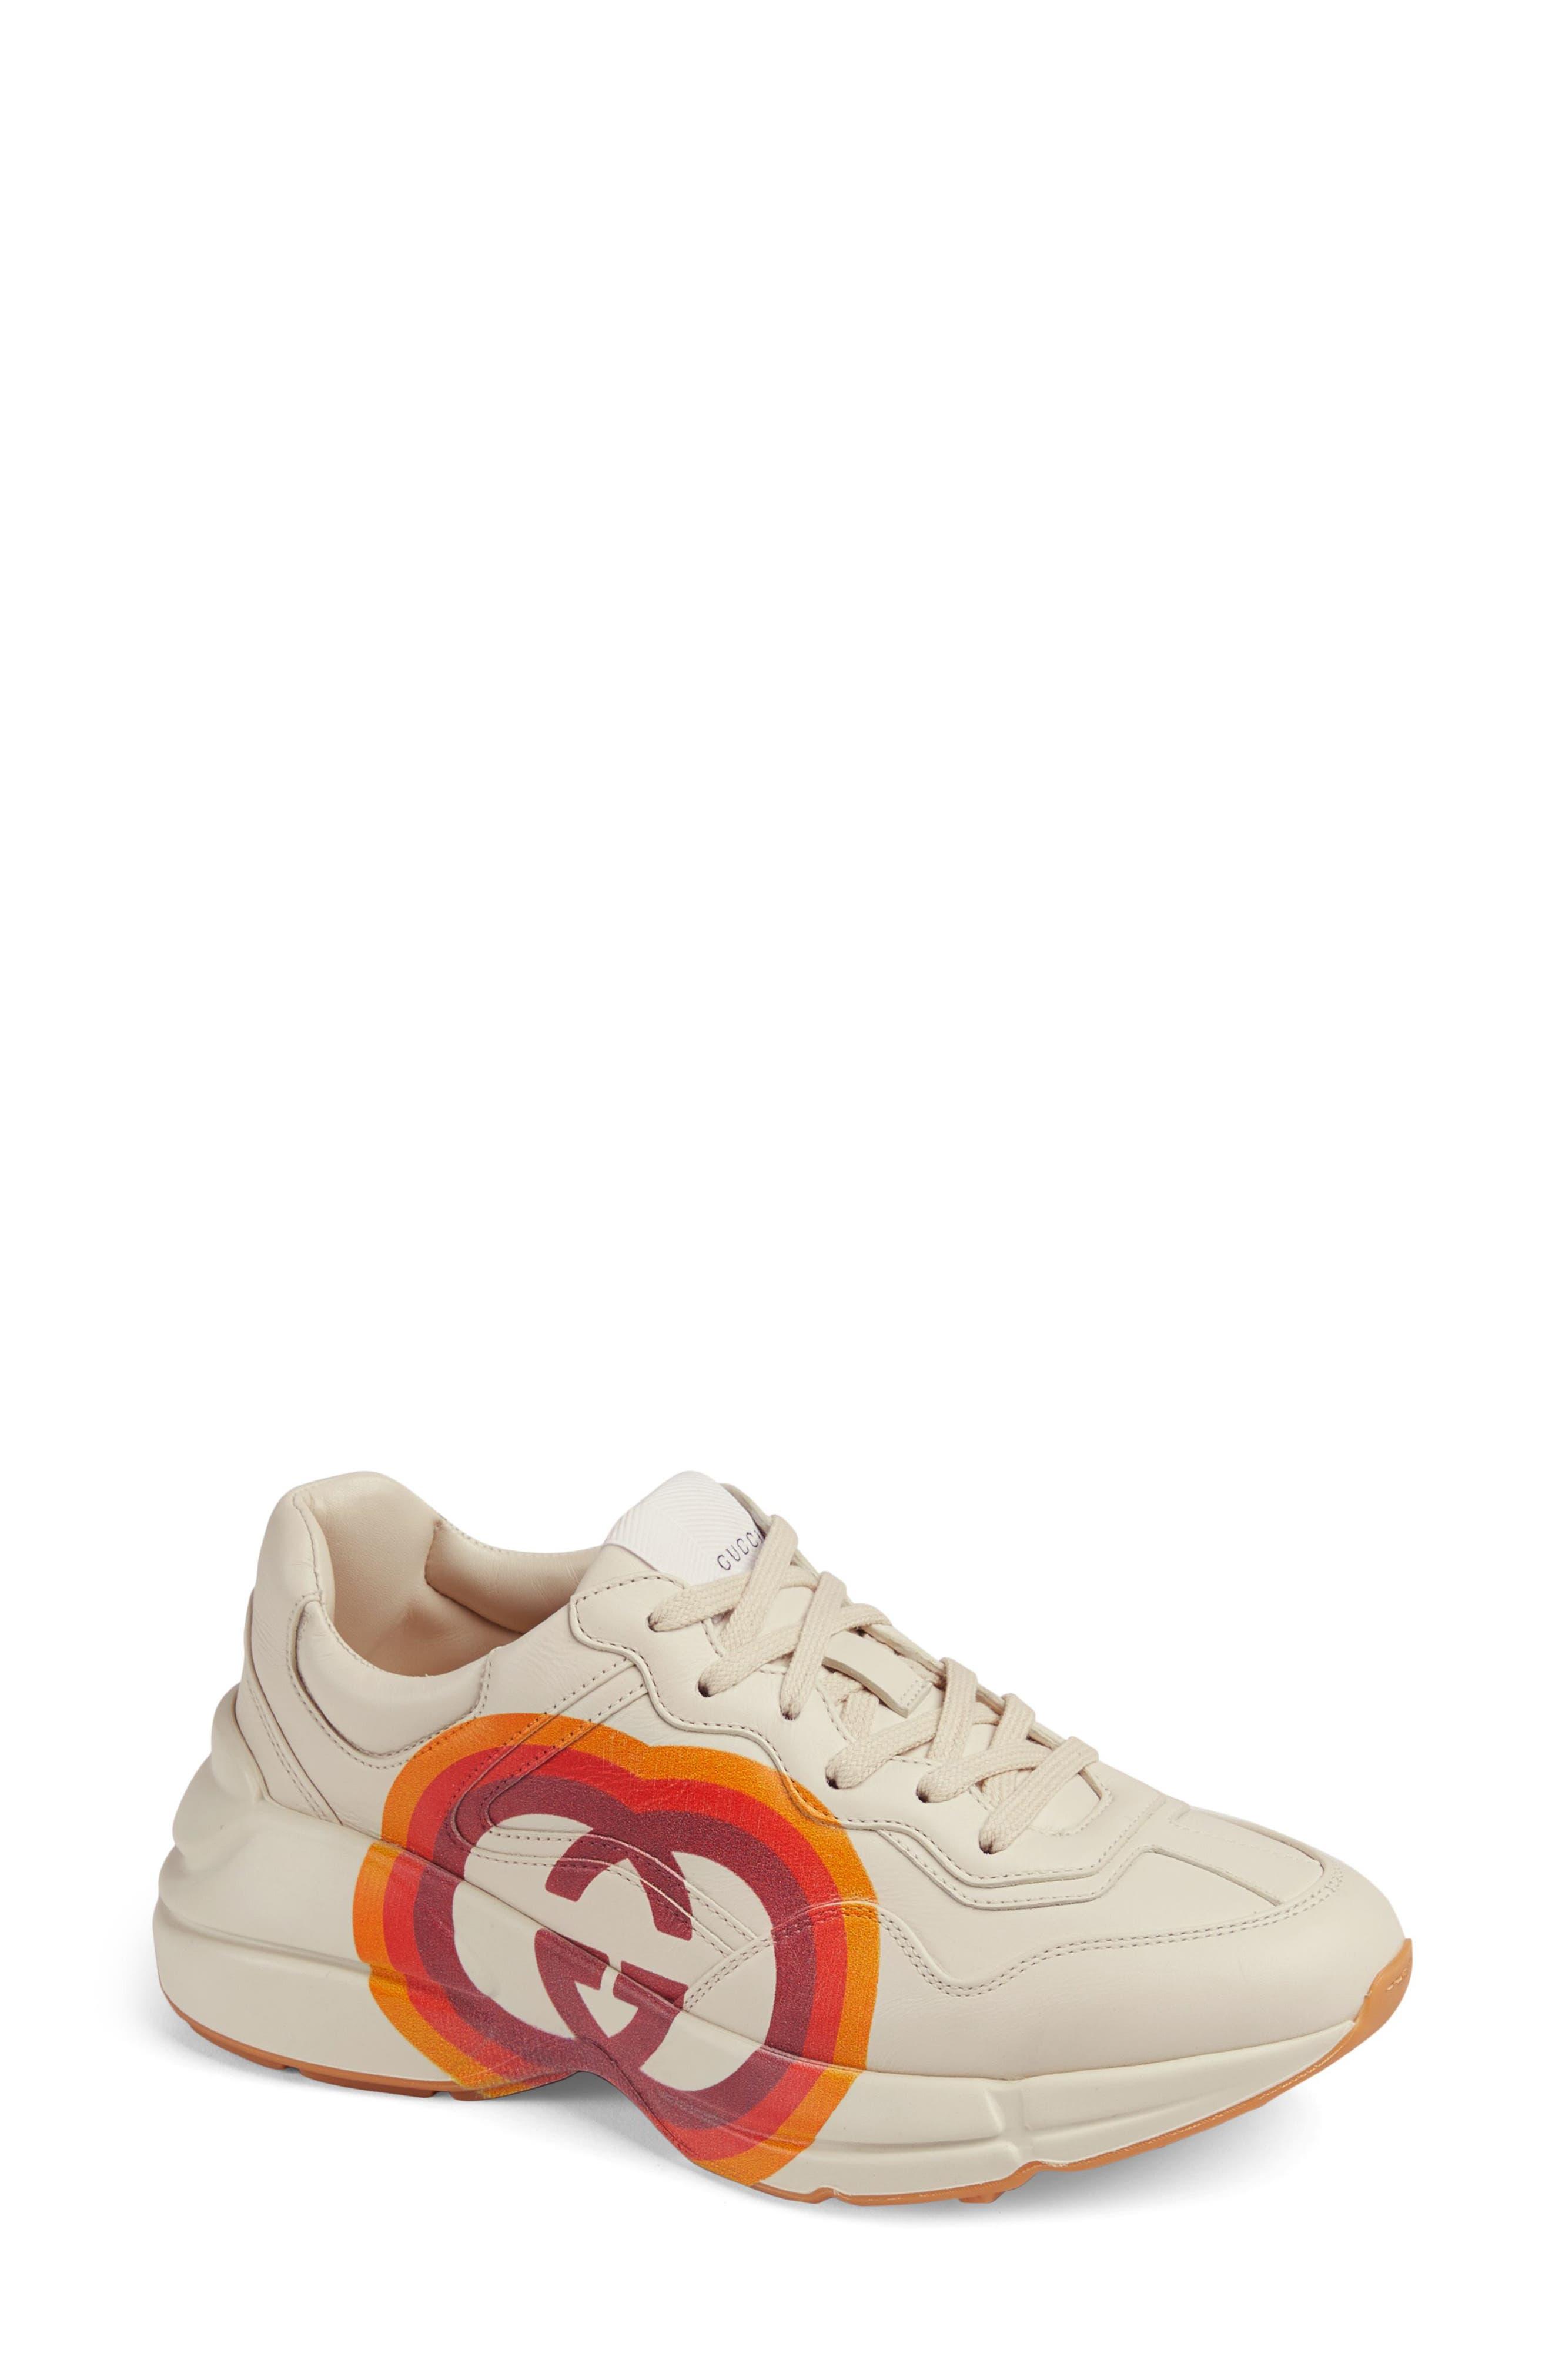 Gucci Rhyton Double G Sneaker - White